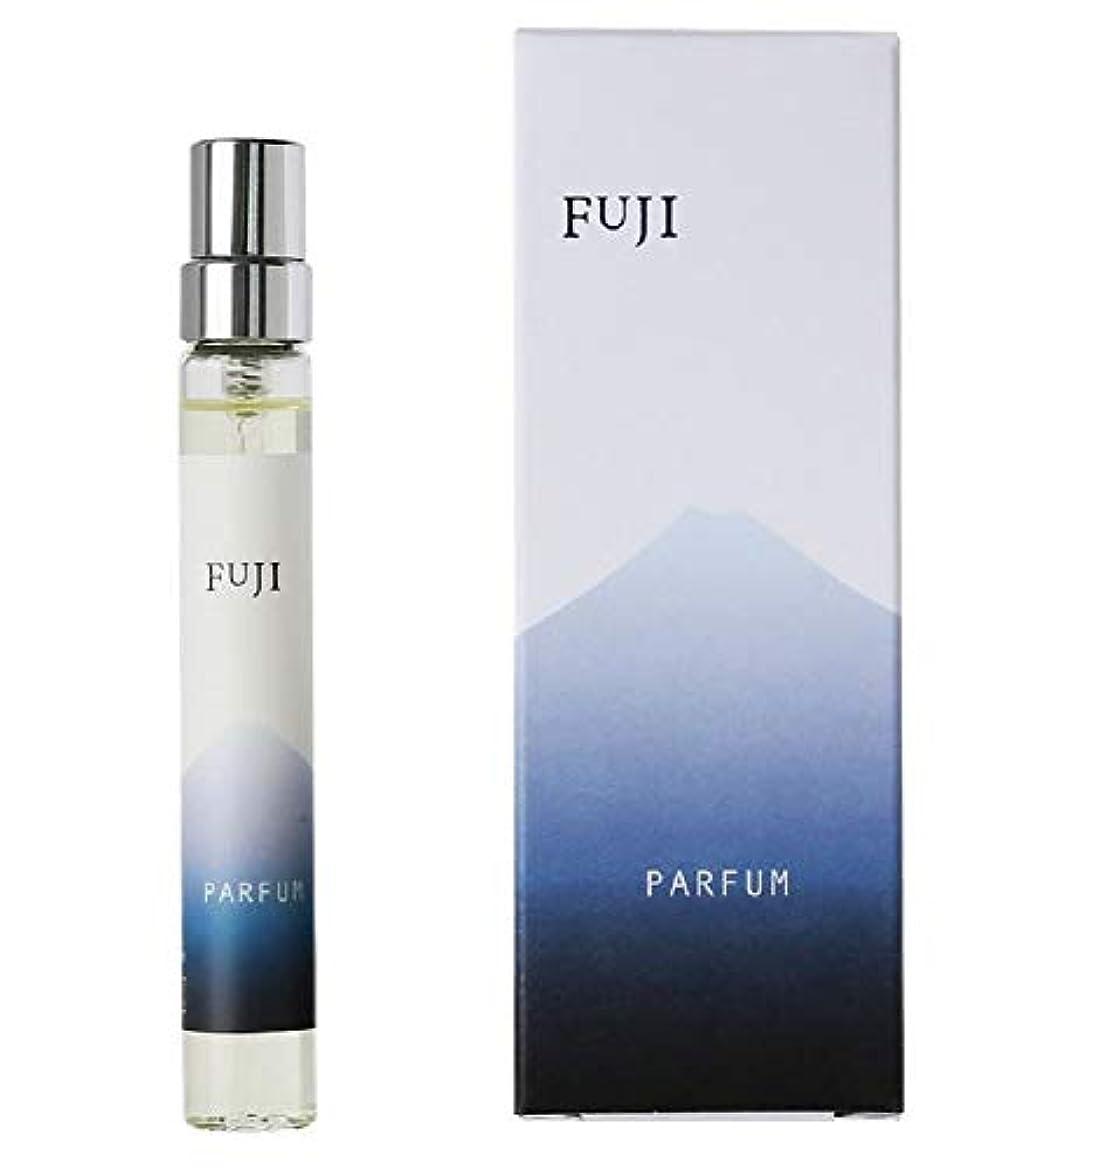 比喩不愉快に詐欺師パルファム フジ fuji 香水「PARFUM FUJI(パルファム?フジ)」